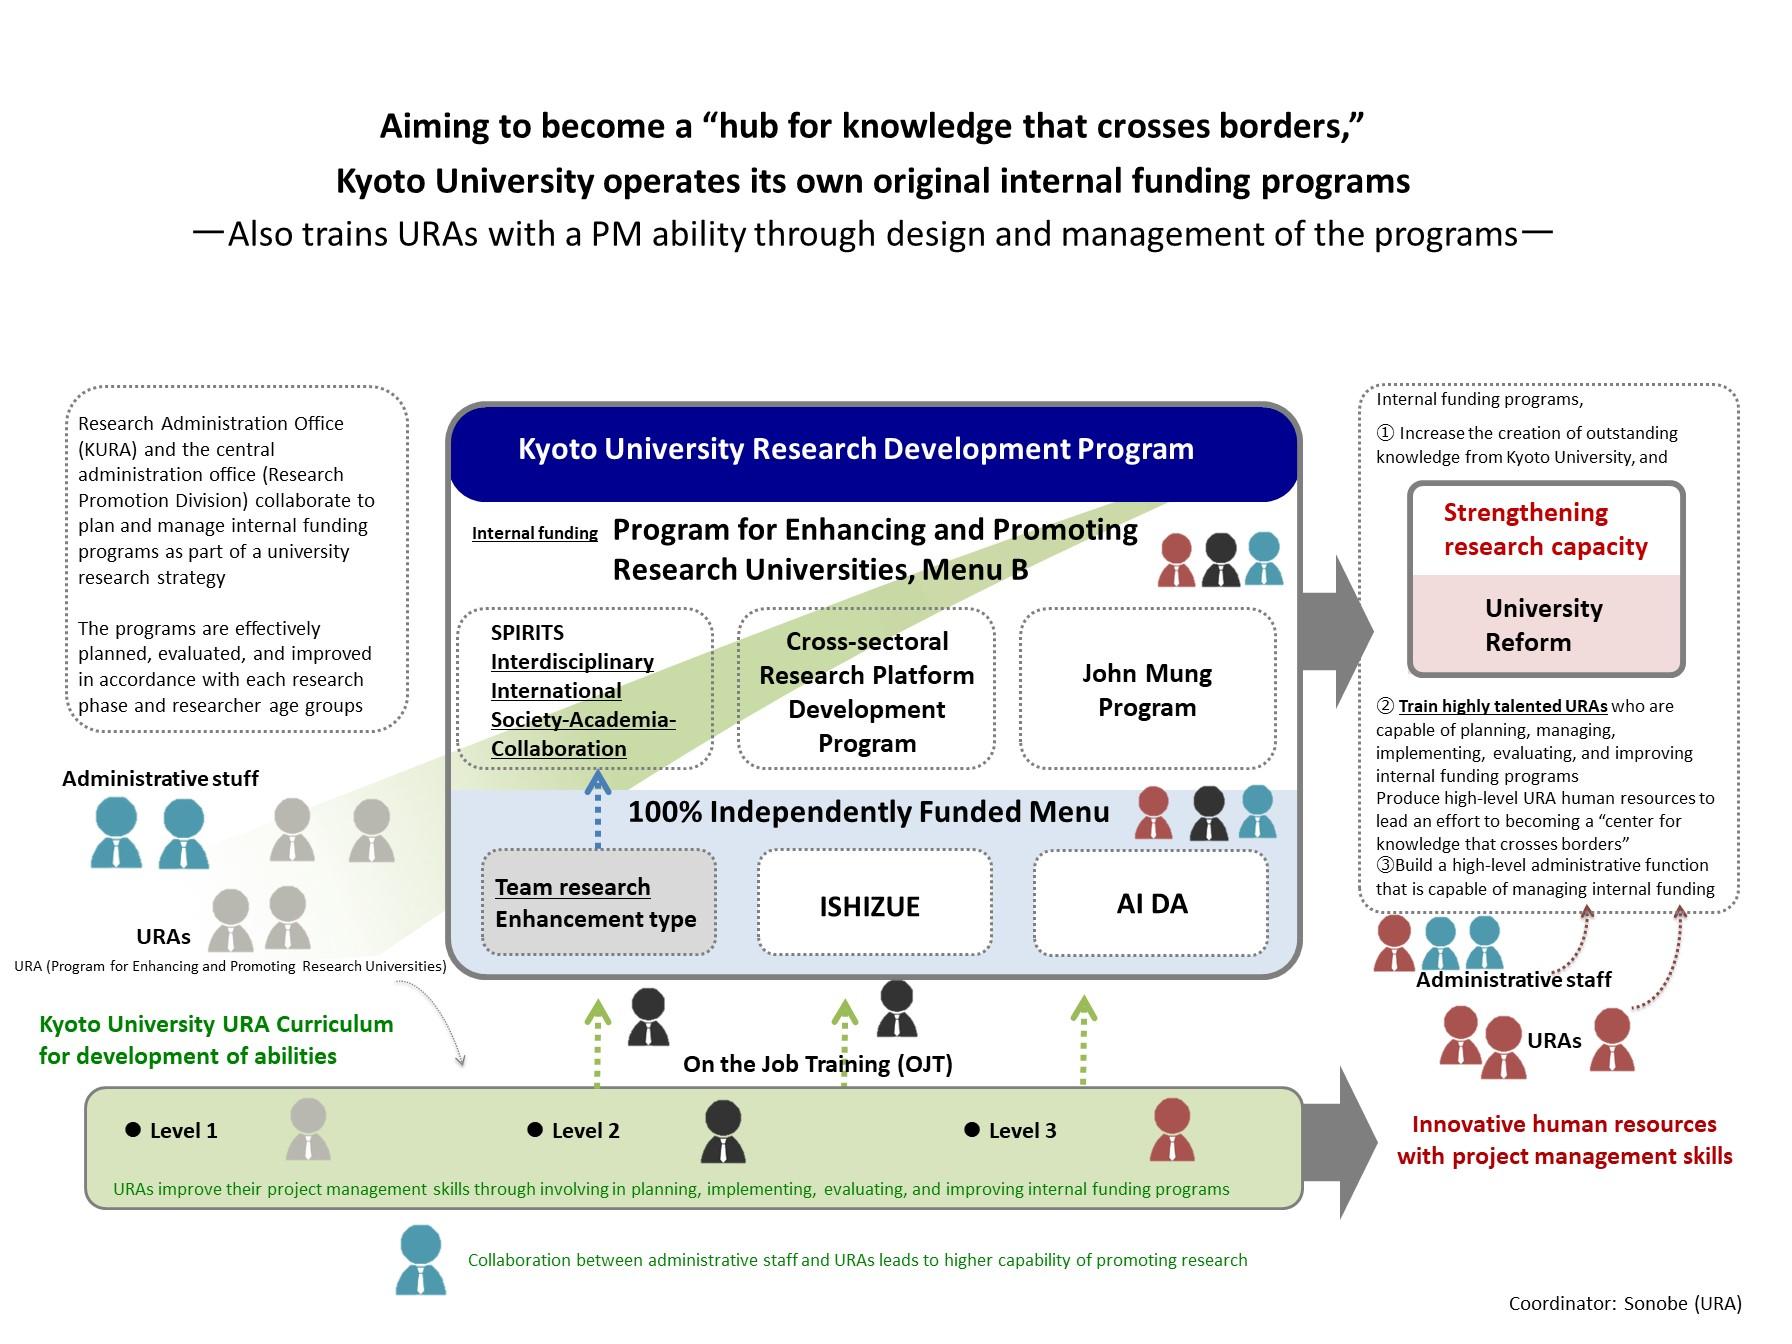 Research Development Program (RDP) – Design/management of internal funds